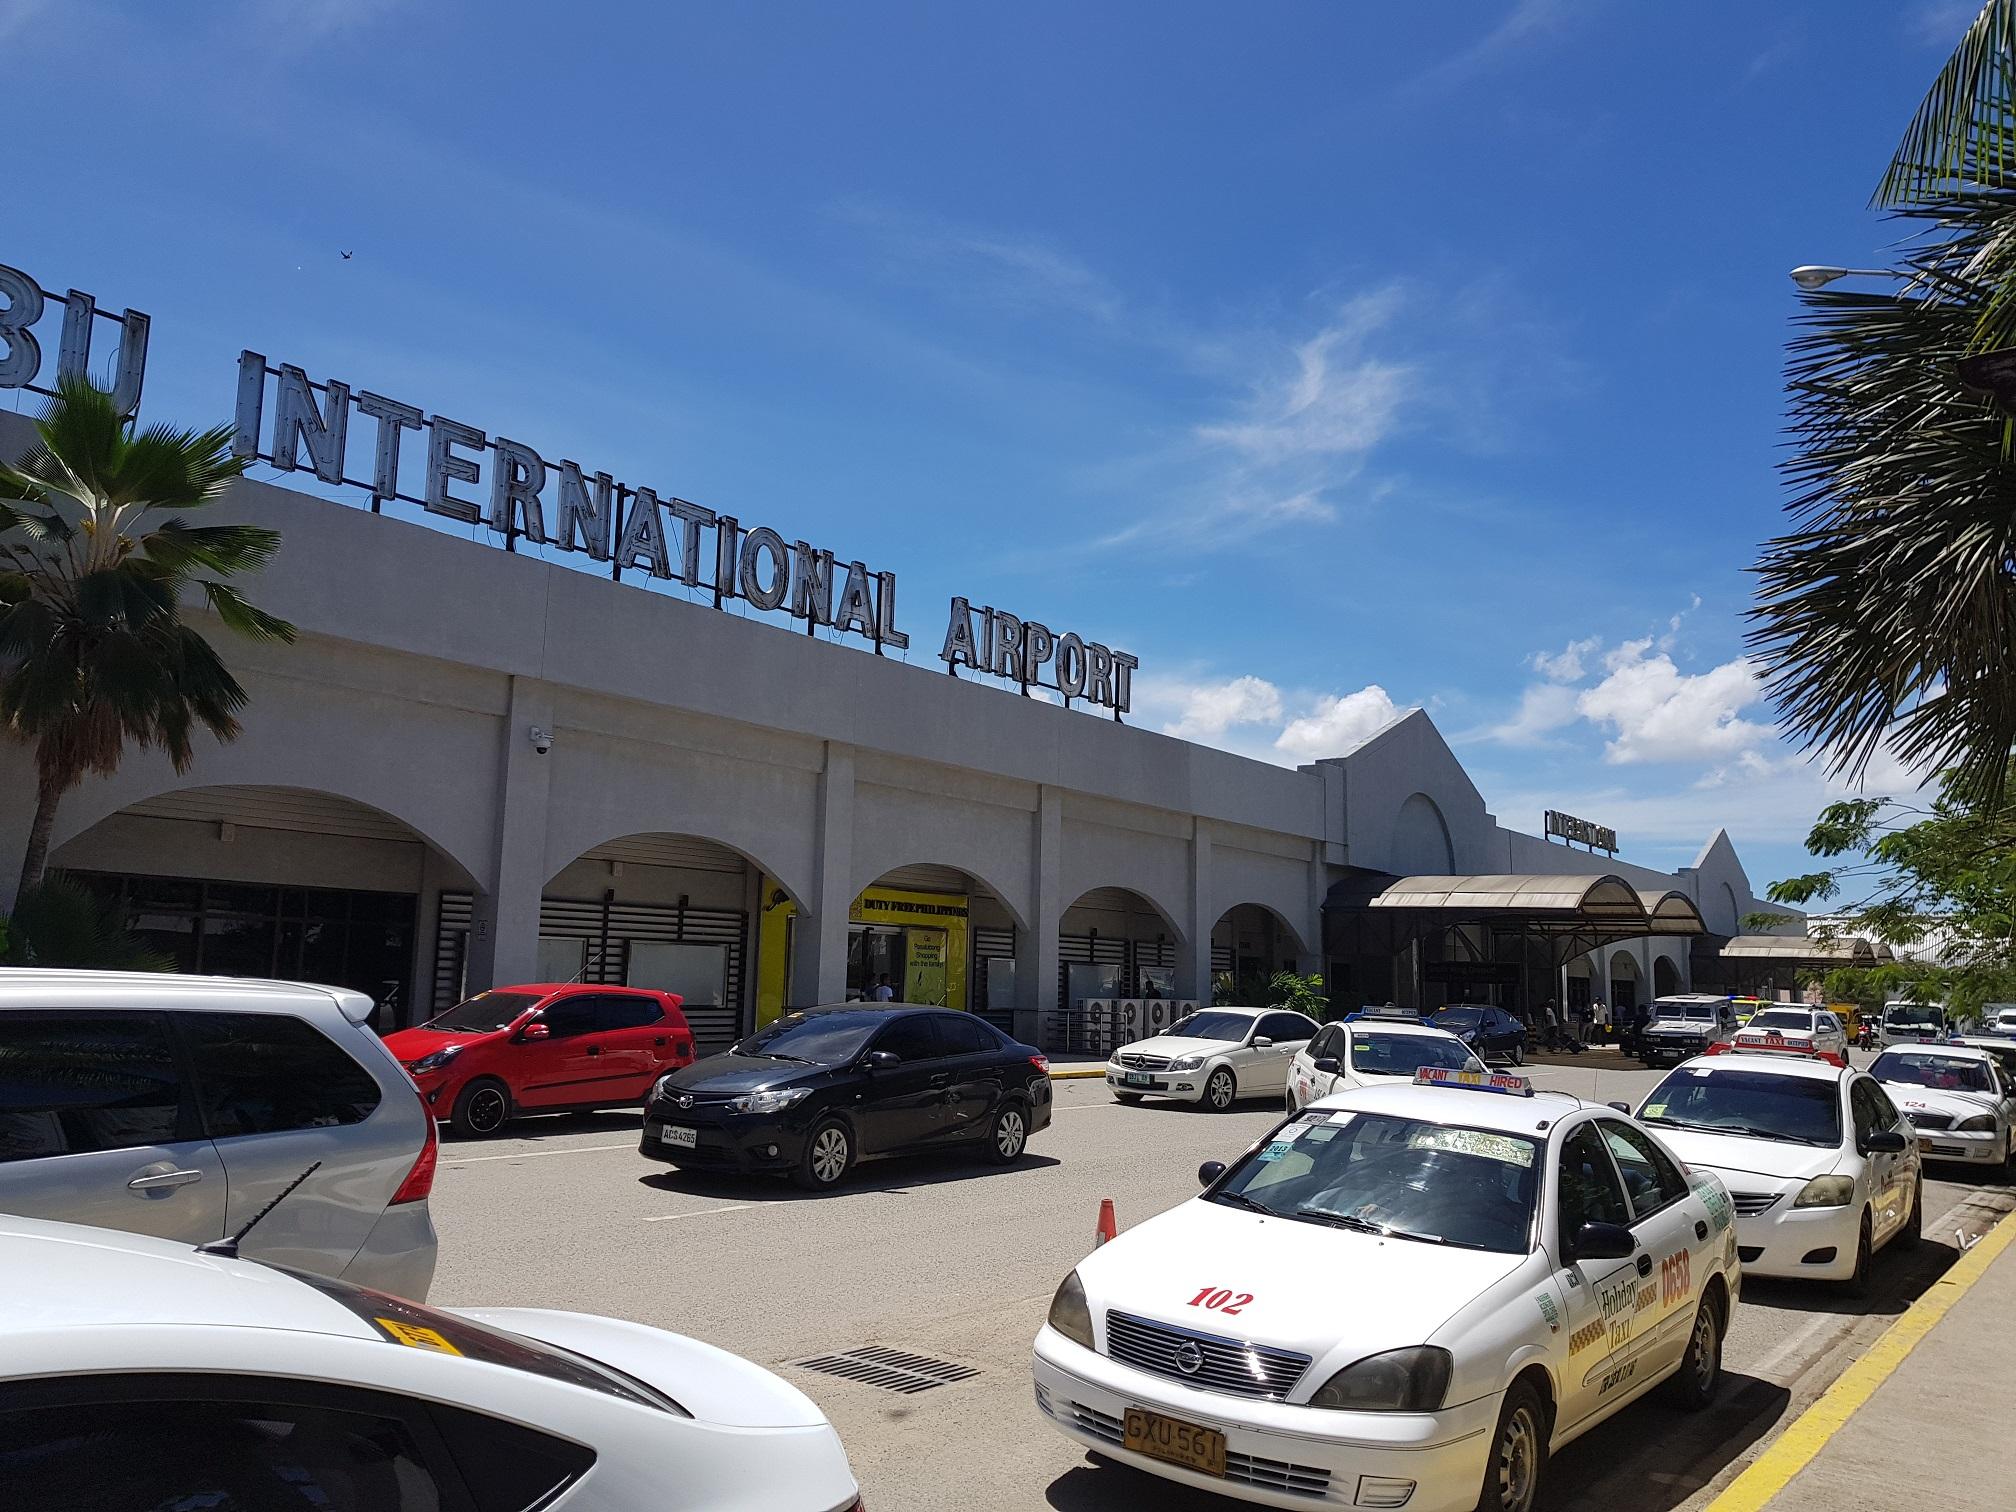 セブの新国際ターミナルのサムネイル